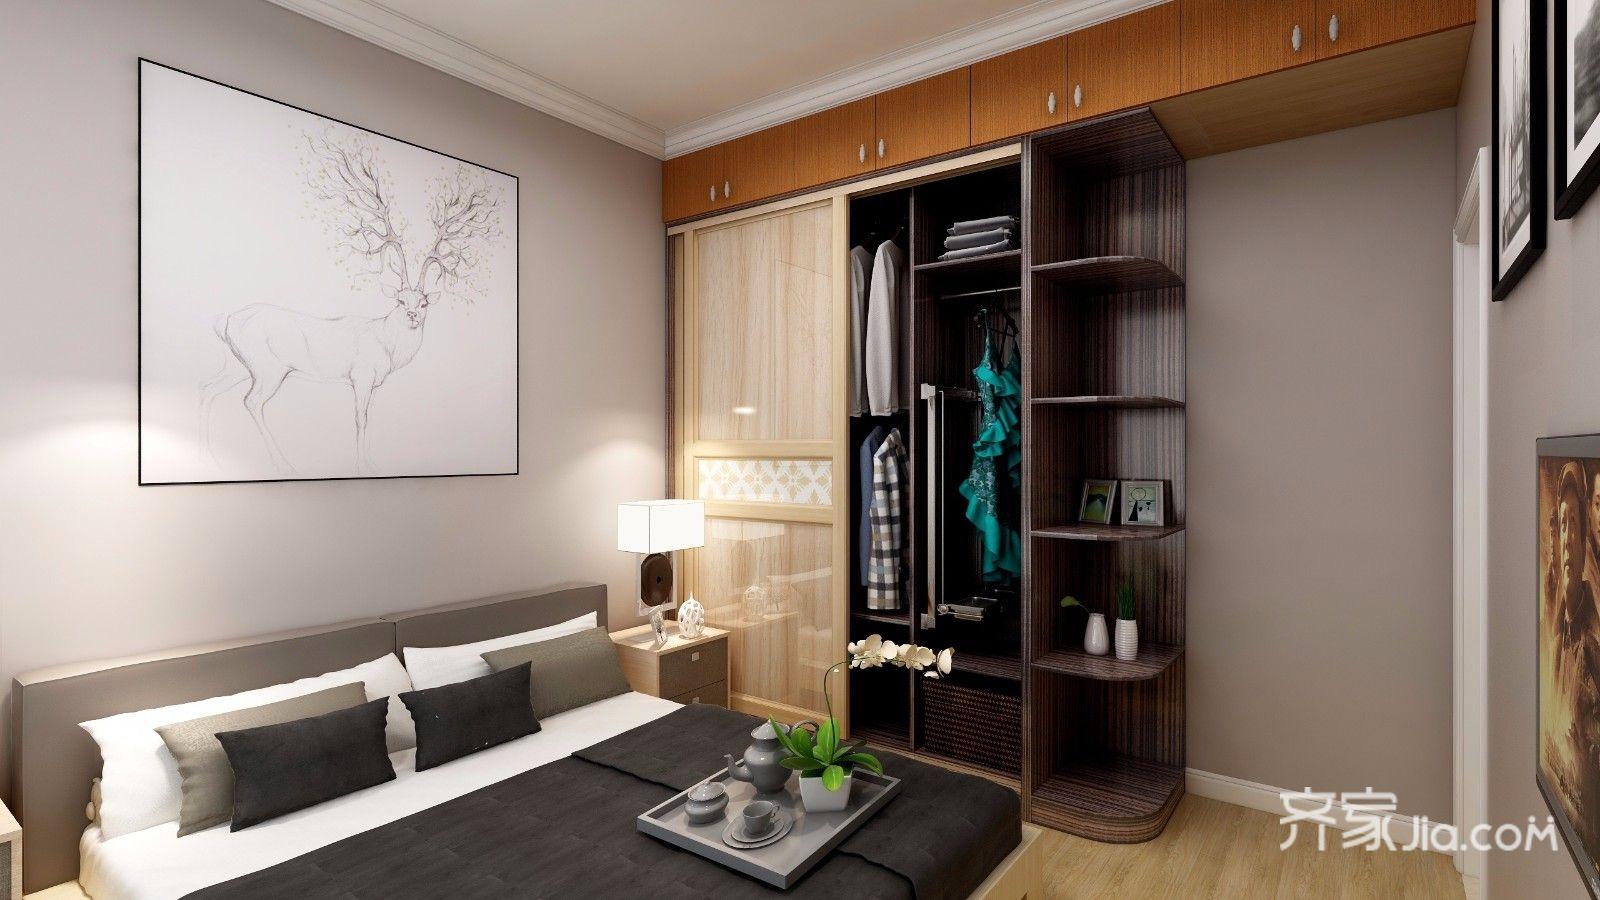 三居室简约风装修卧室设计效果图